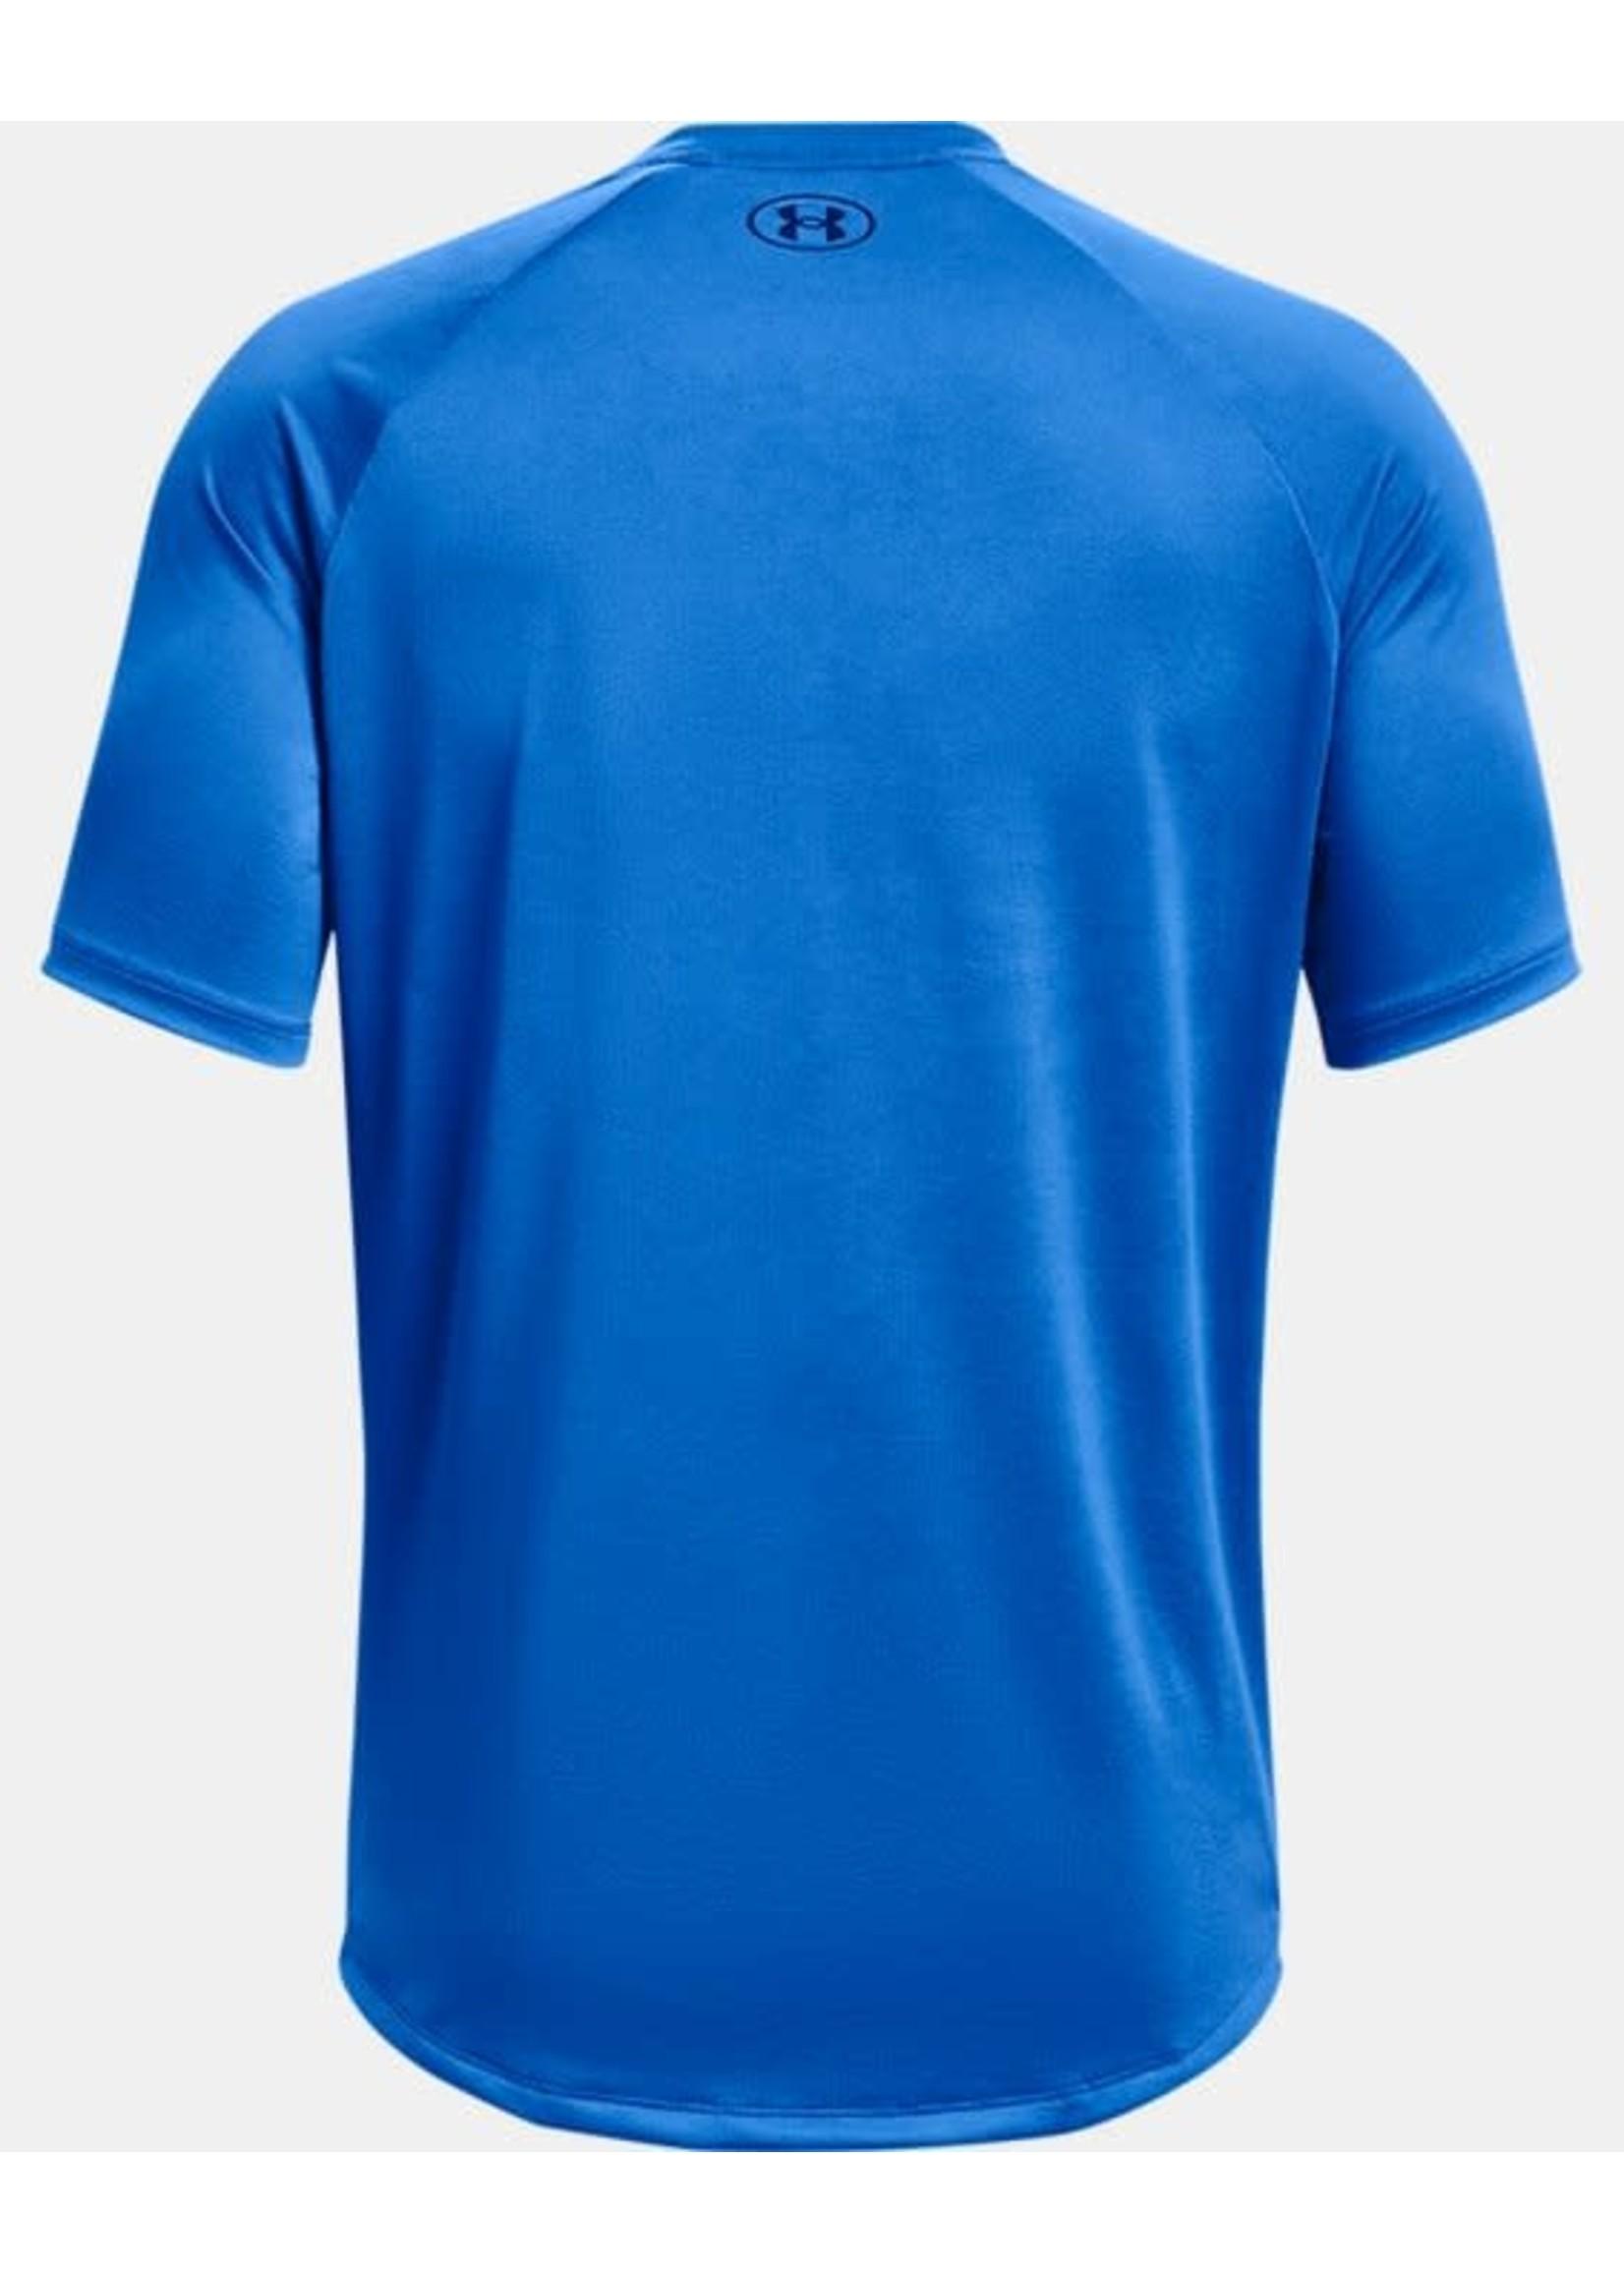 UNDER ARMOUR T-shirt Tech 2.0 Vertical Wordmark